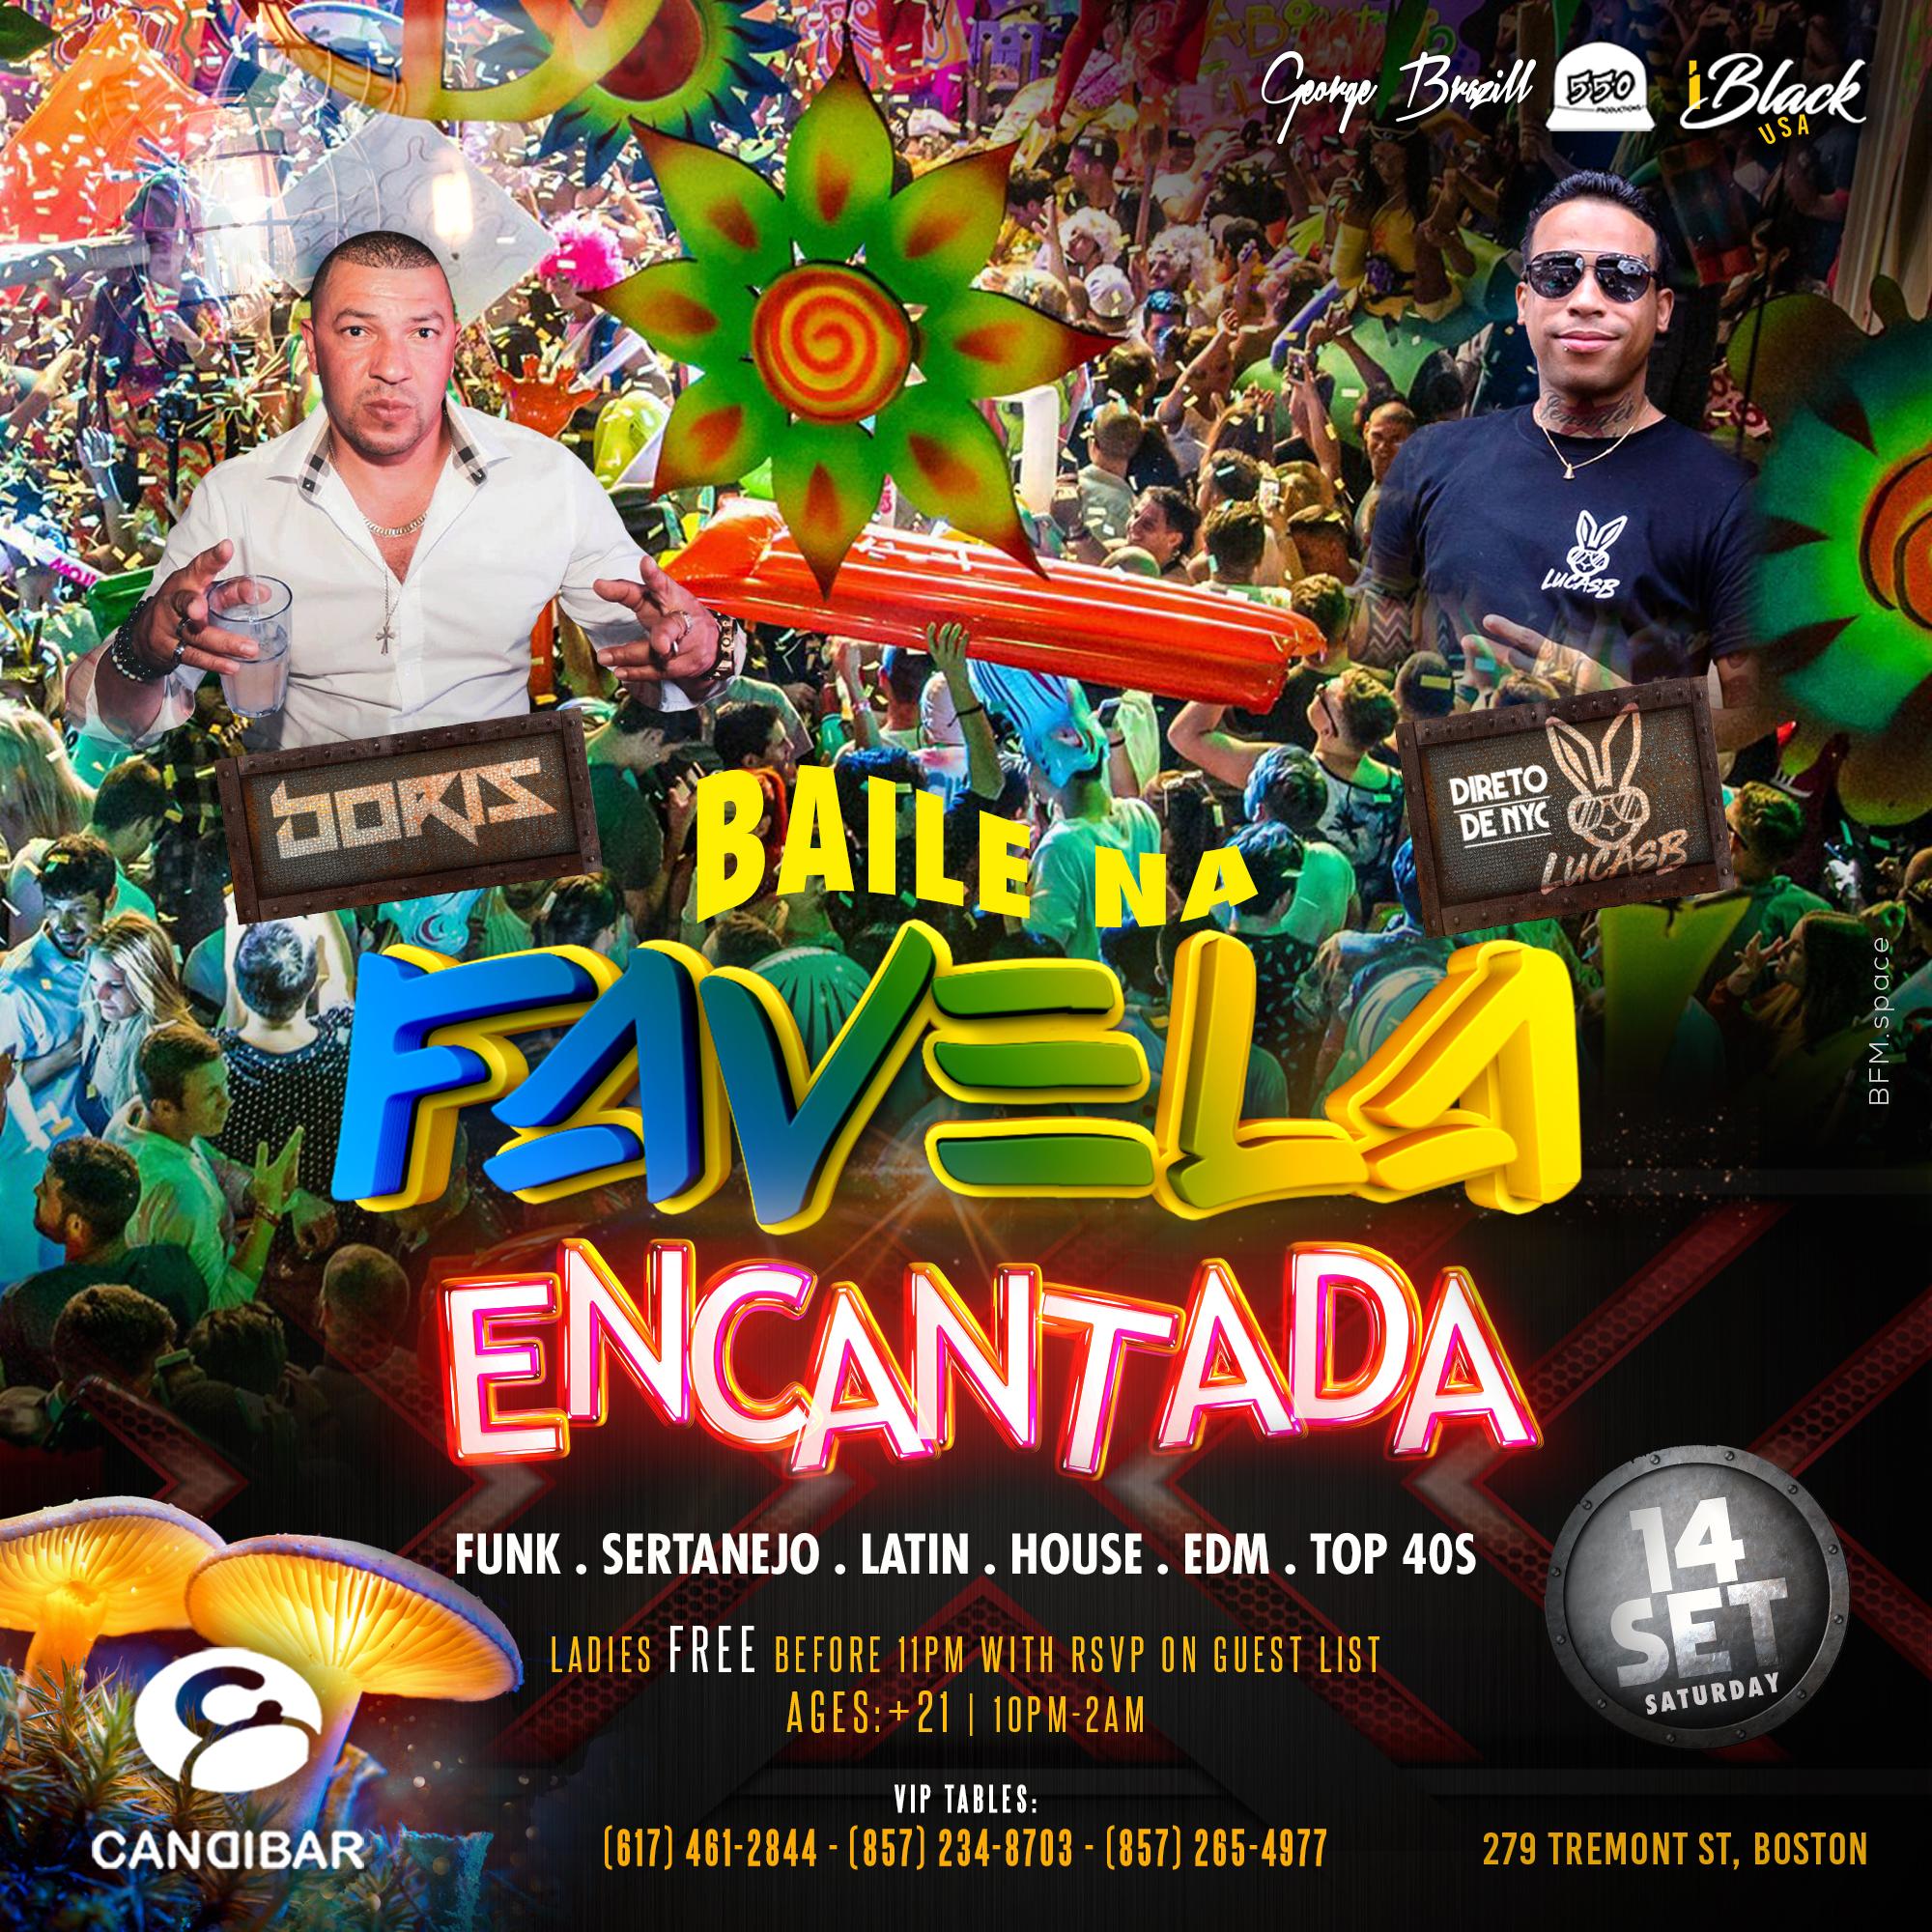 Baile na Favela Encantada 14set iBlackUSA Candibar